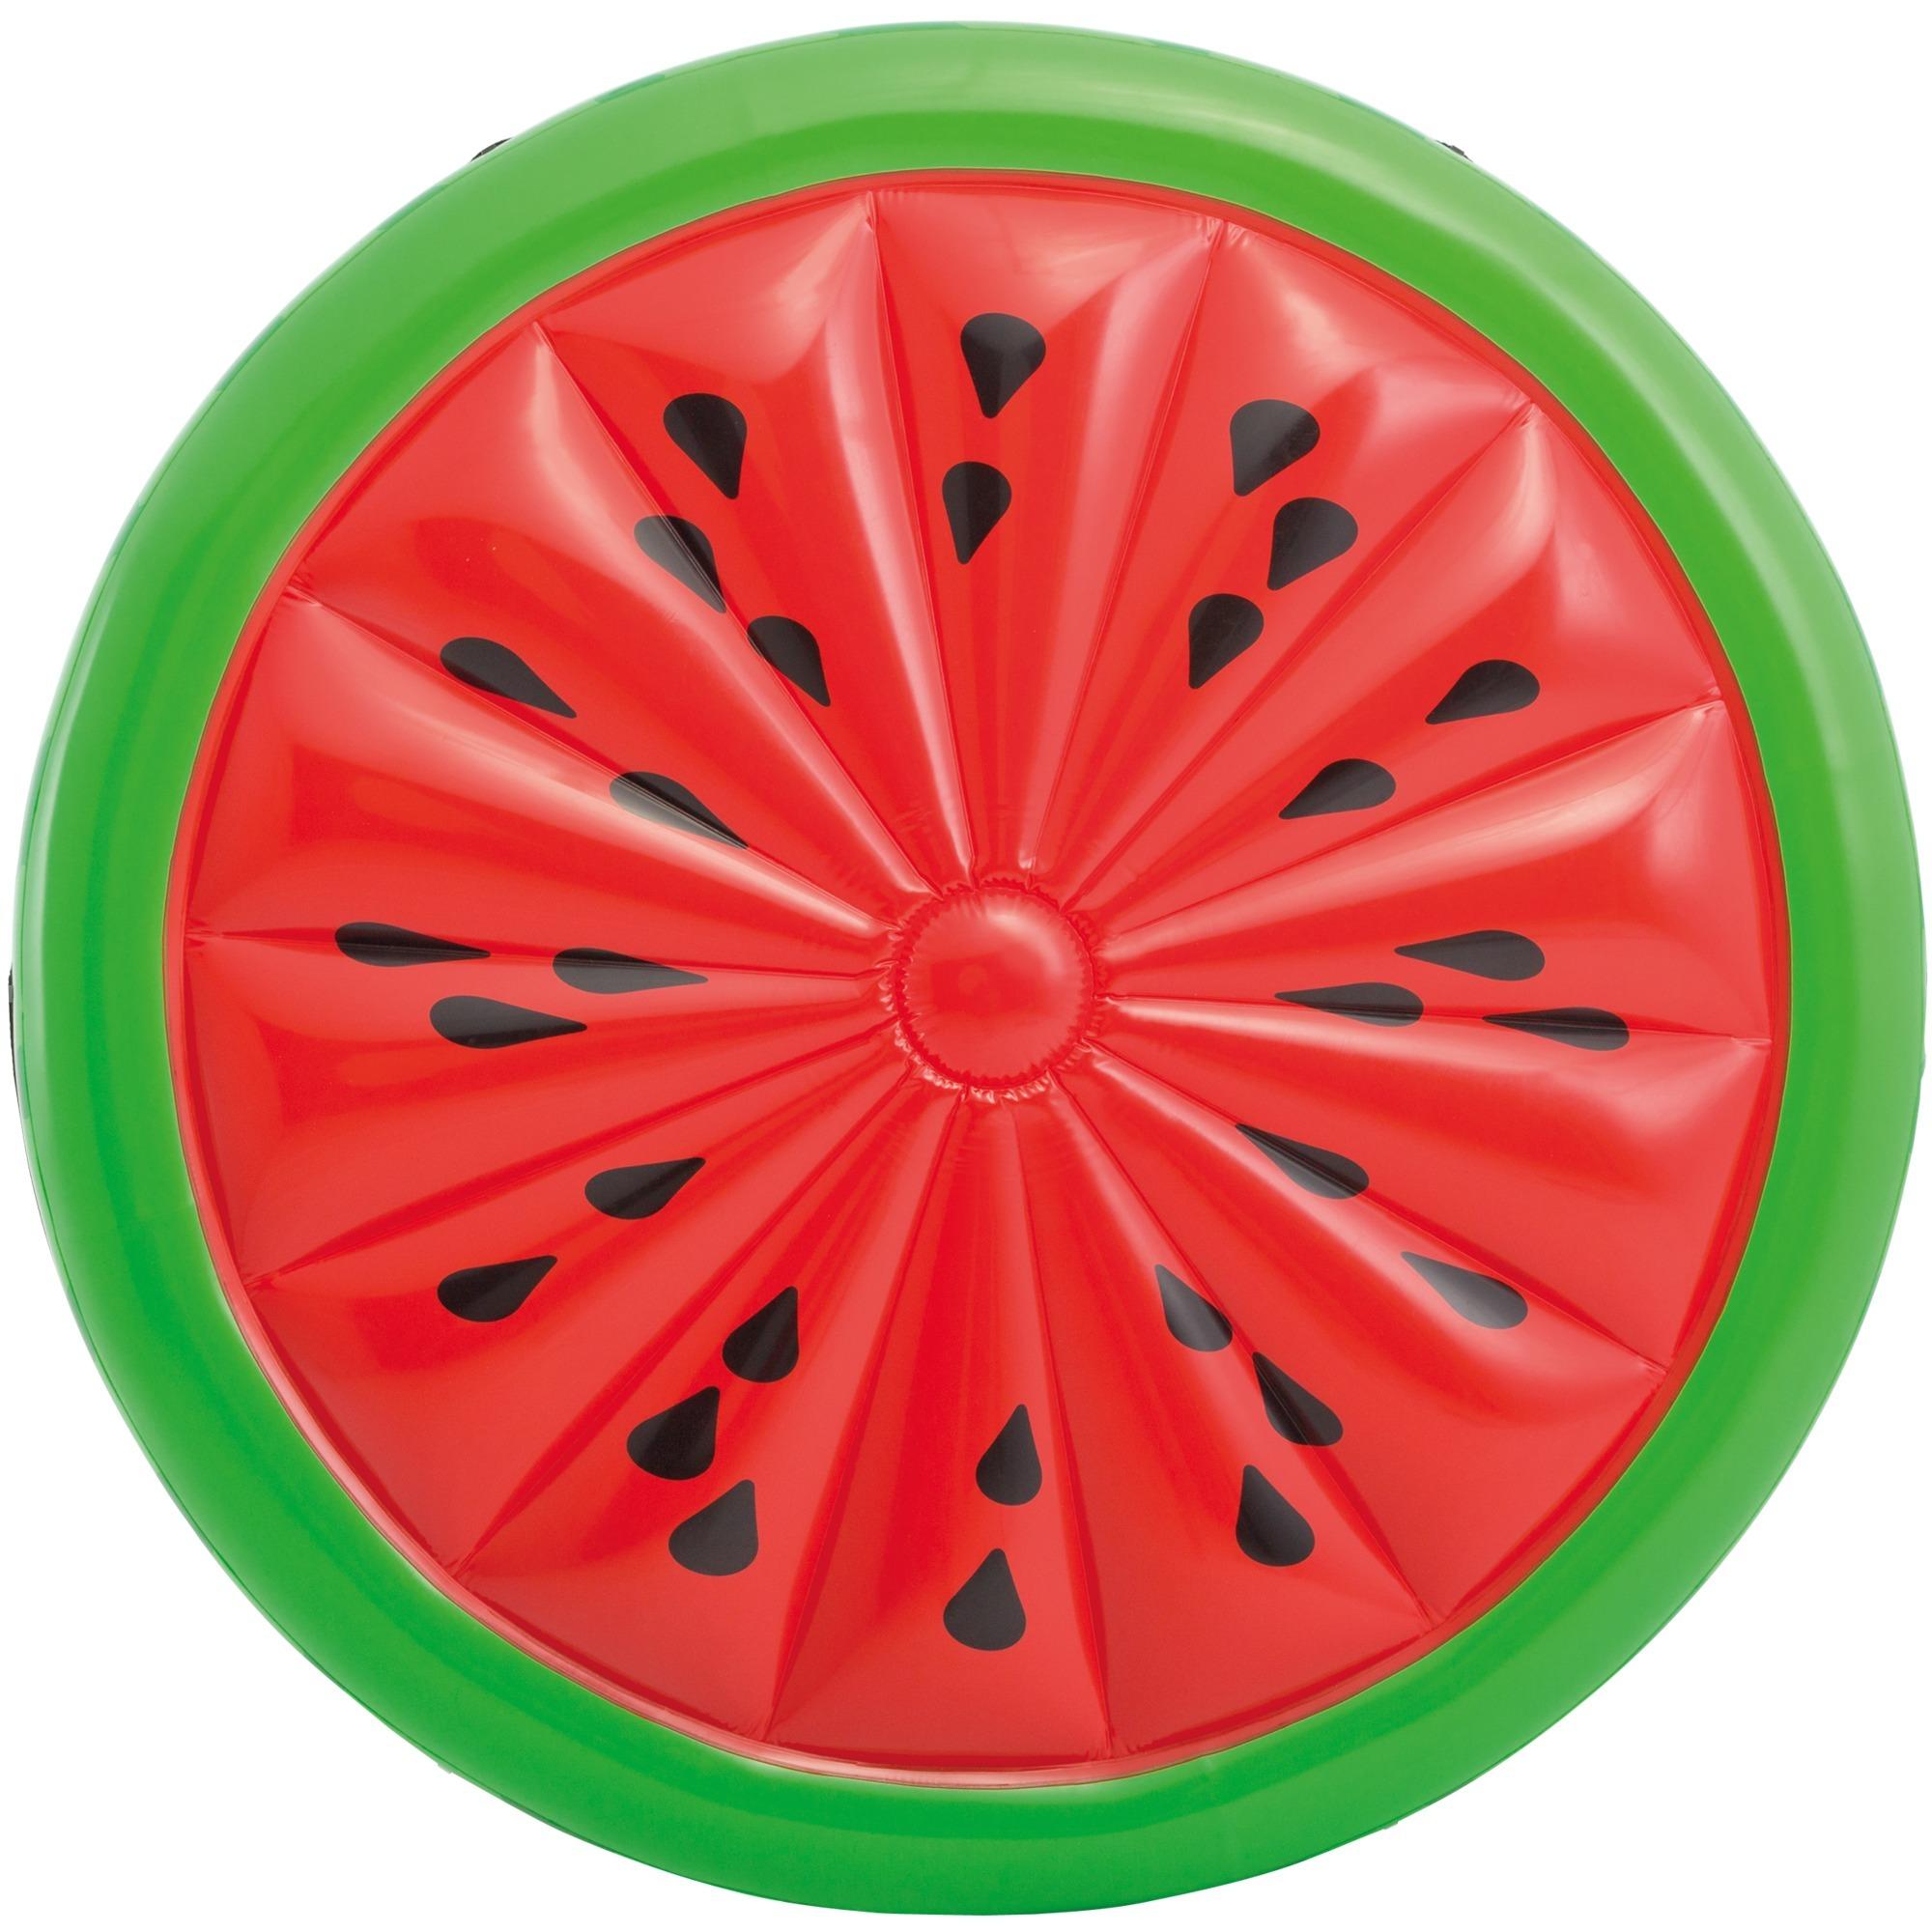 56283 Verde, Rojo PVC Isla flotante flotador para piscina y playa, Productos de inflación